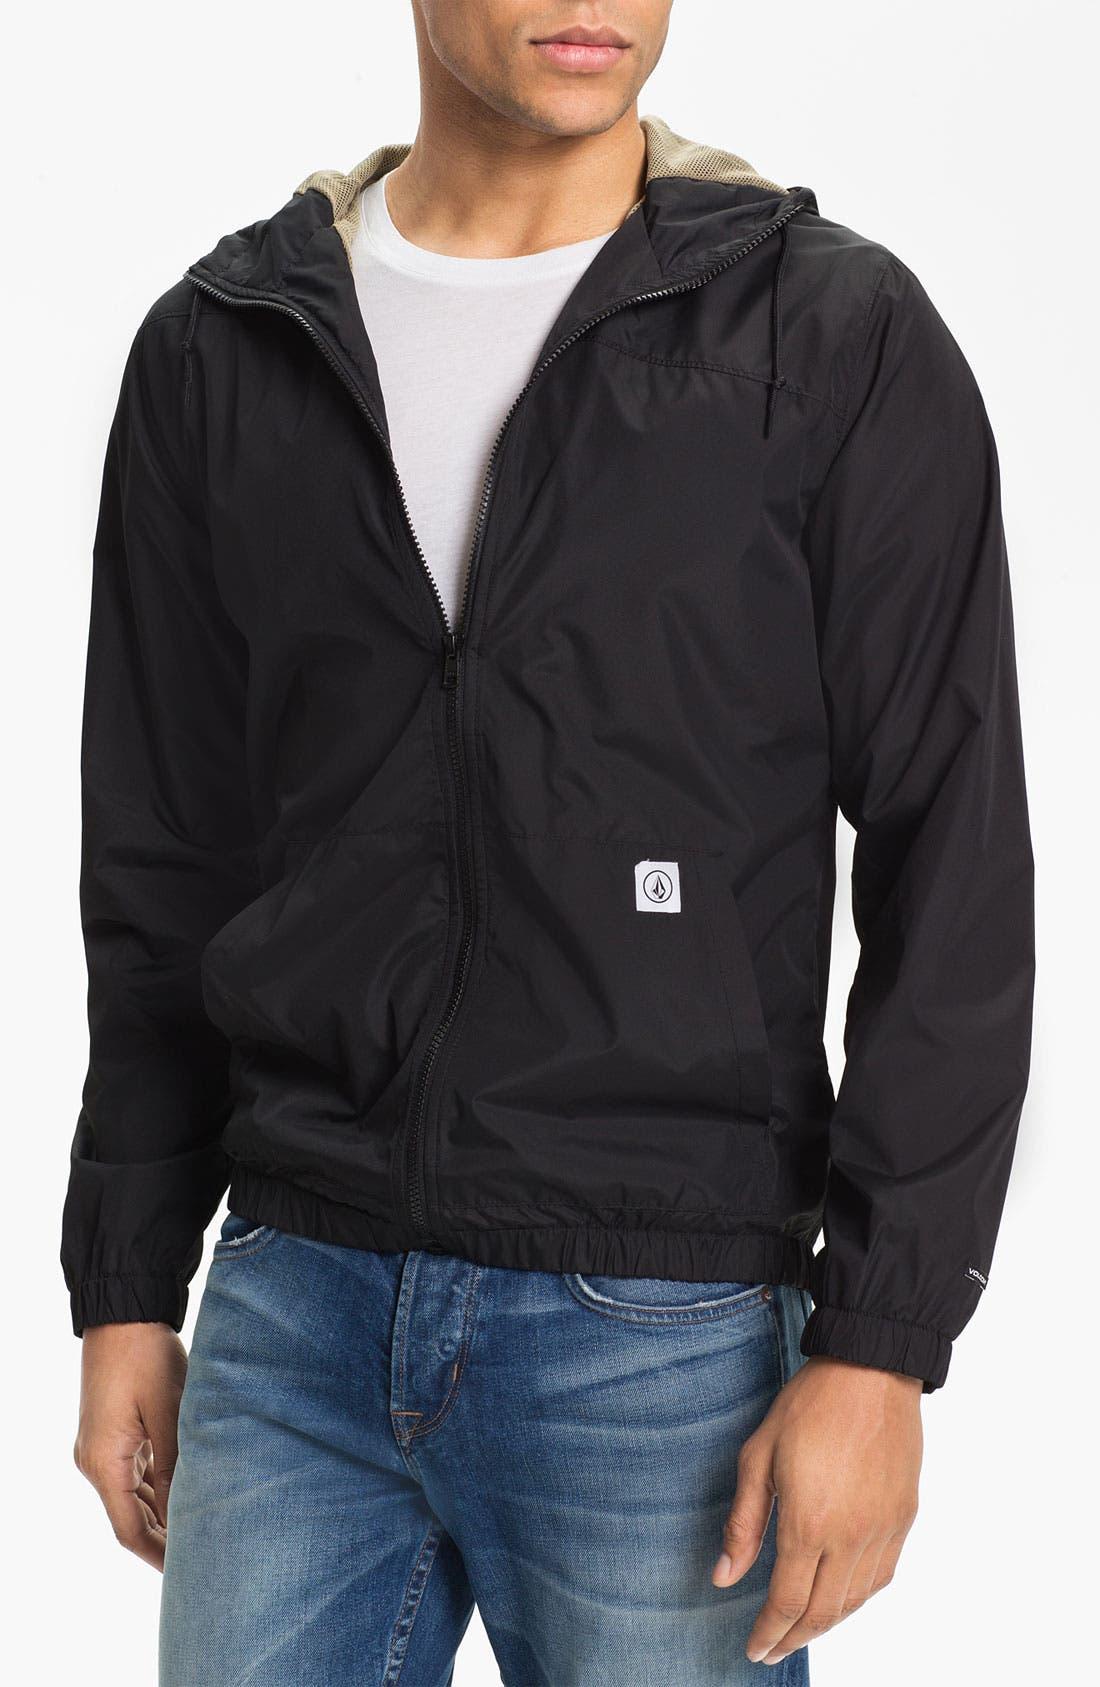 Alternate Image 1 Selected - Volcom 'Ringer' Windbreaker Jacket